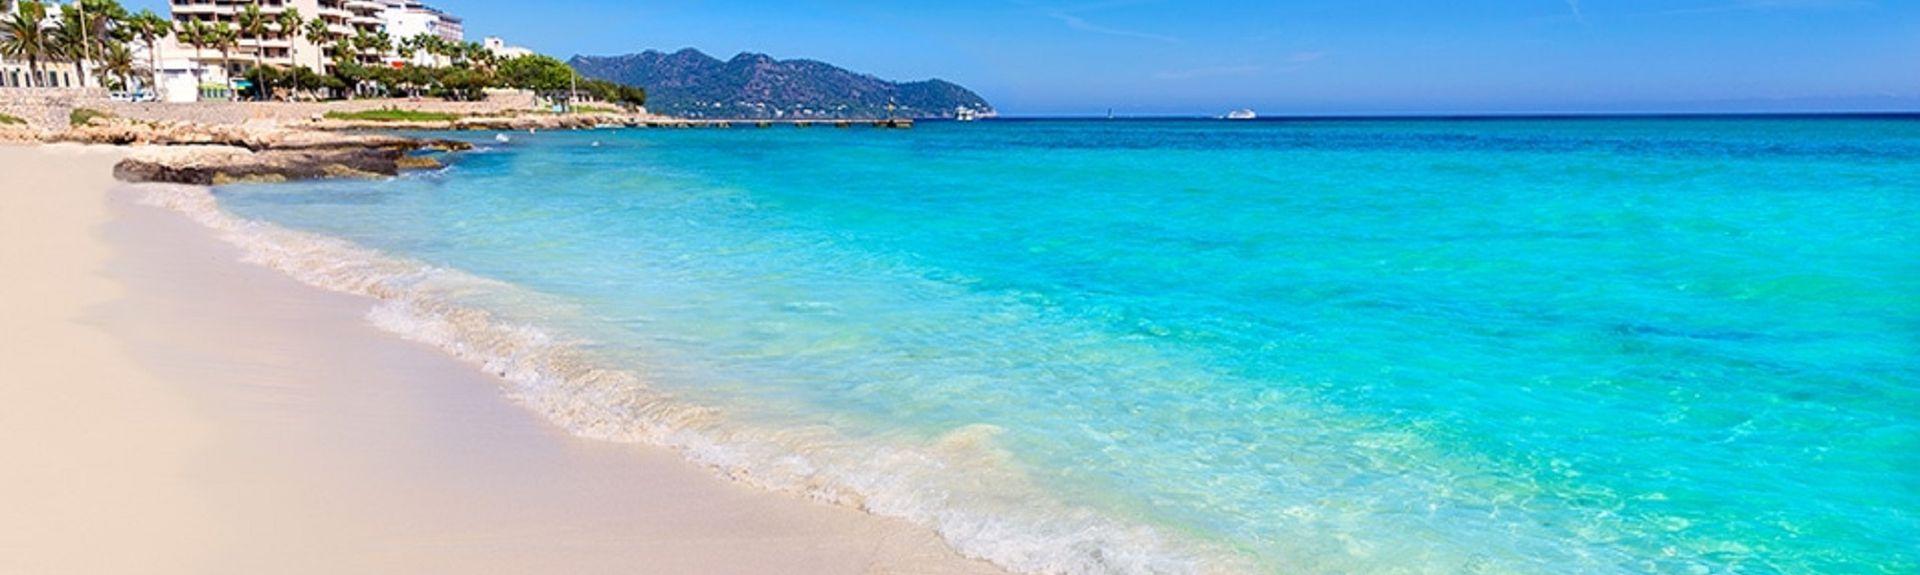 Κάλα Μαγκράνα, Βαλεαρίδες Νήσοι, Ισπανία